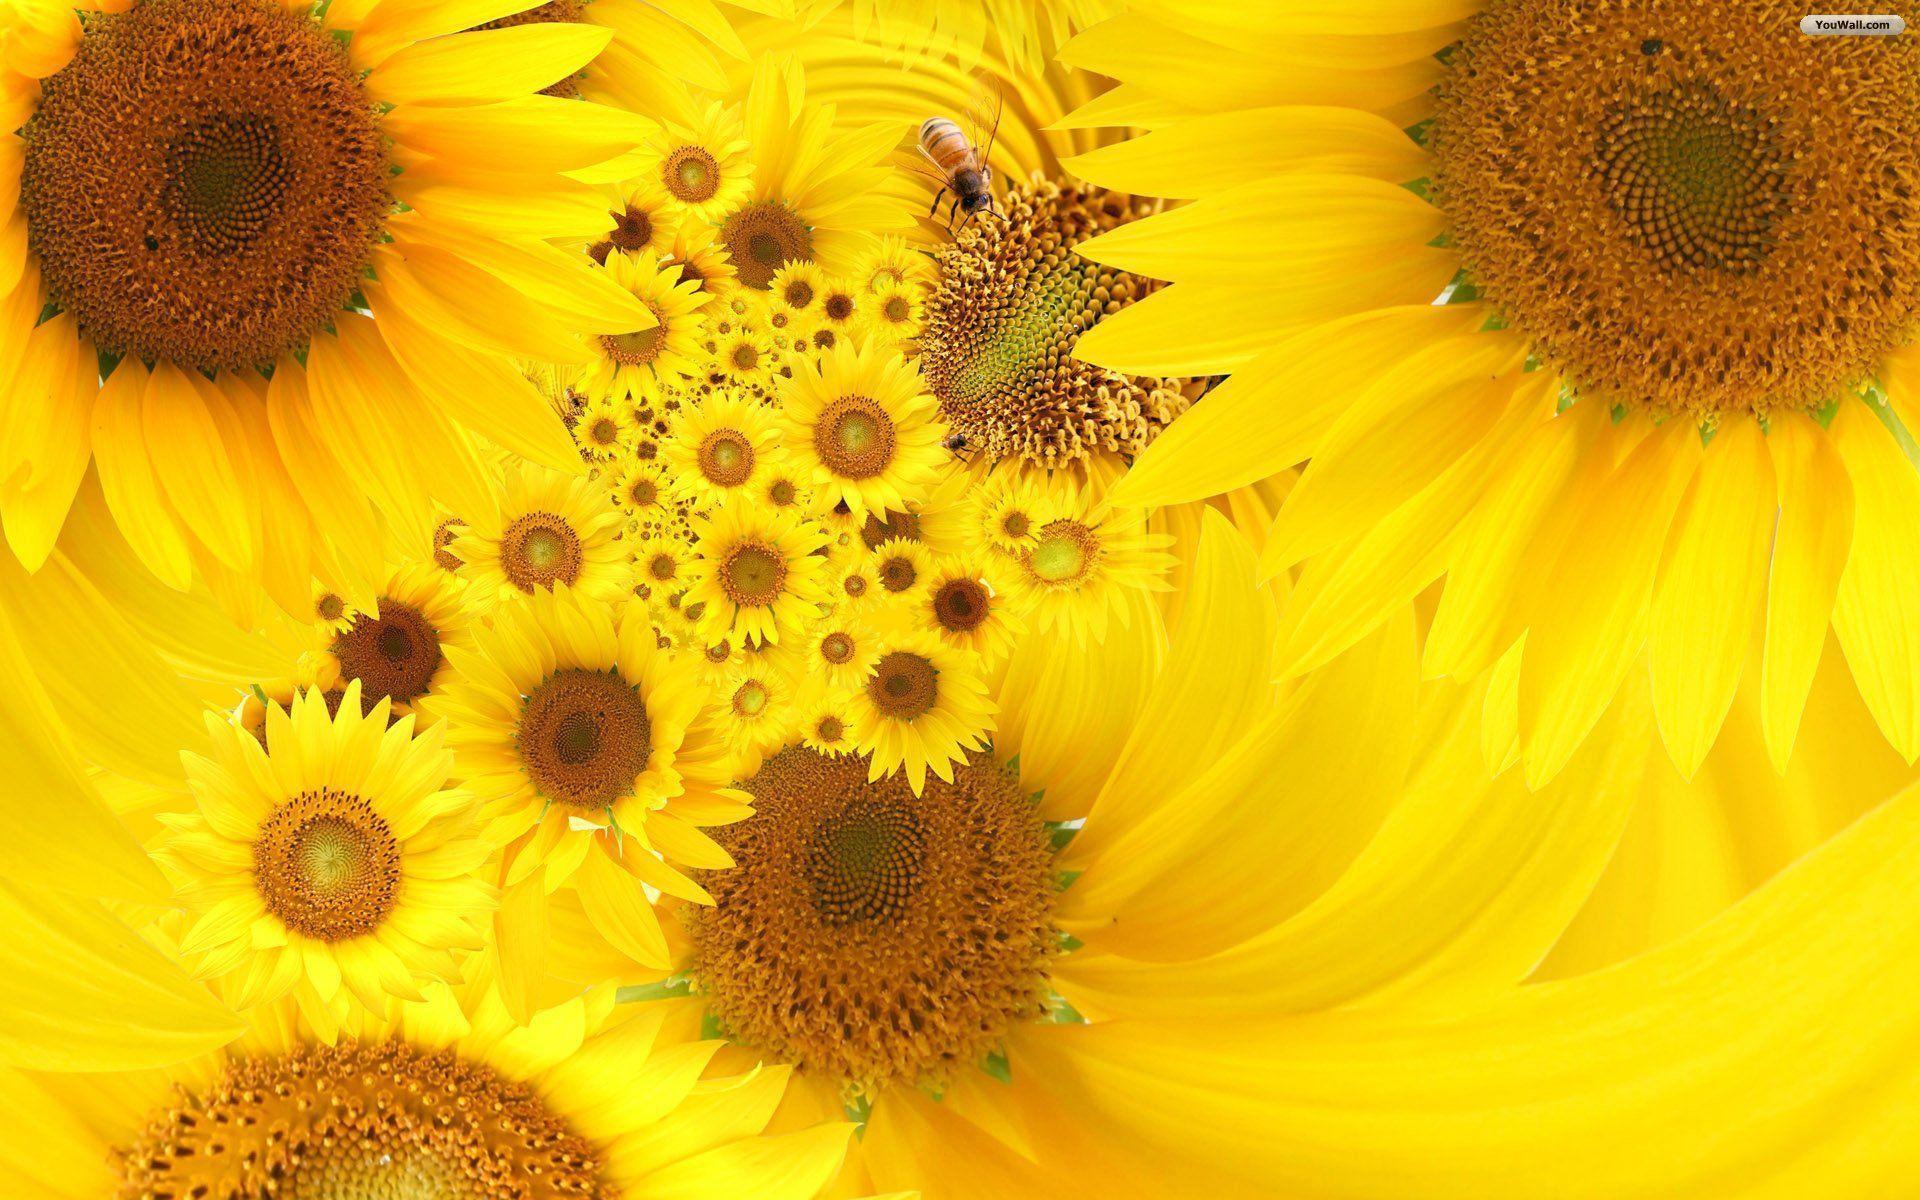 hinh nen hoa huong duong 8